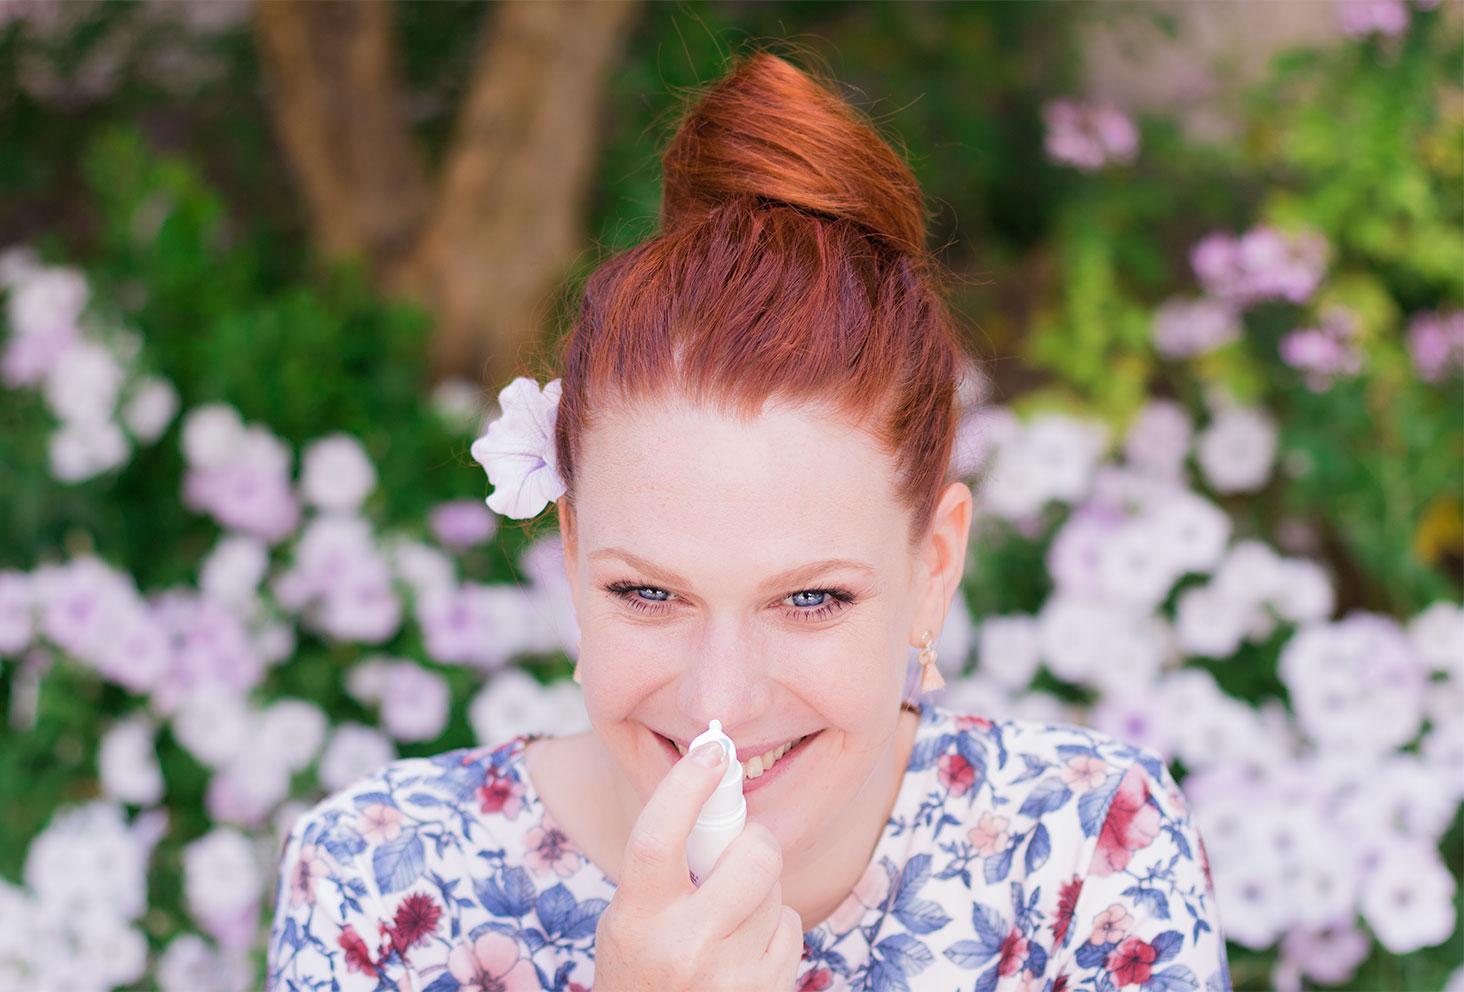 Utilisation de la crème Sensimine au karité de Body Minute sur le bout du nez, avec un chignon sur la tête au milieu des fleurs roses